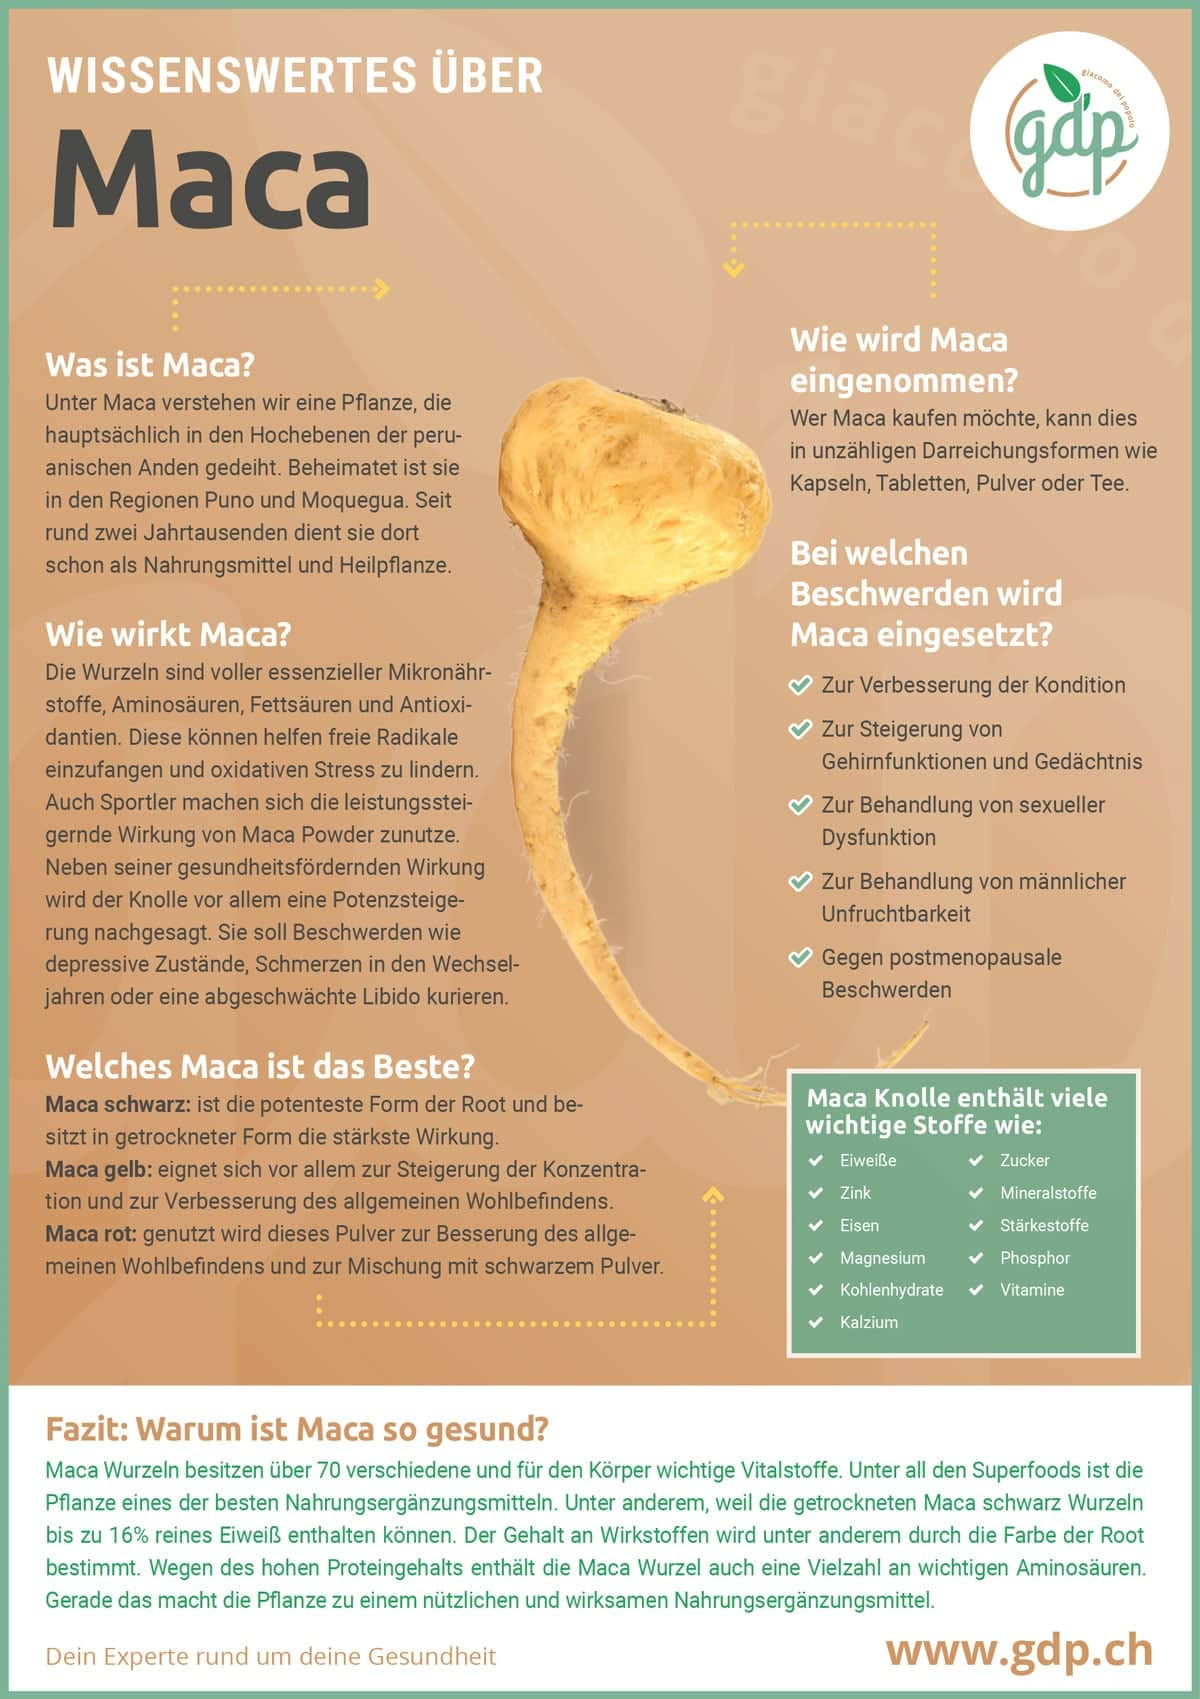 Maca Infografik